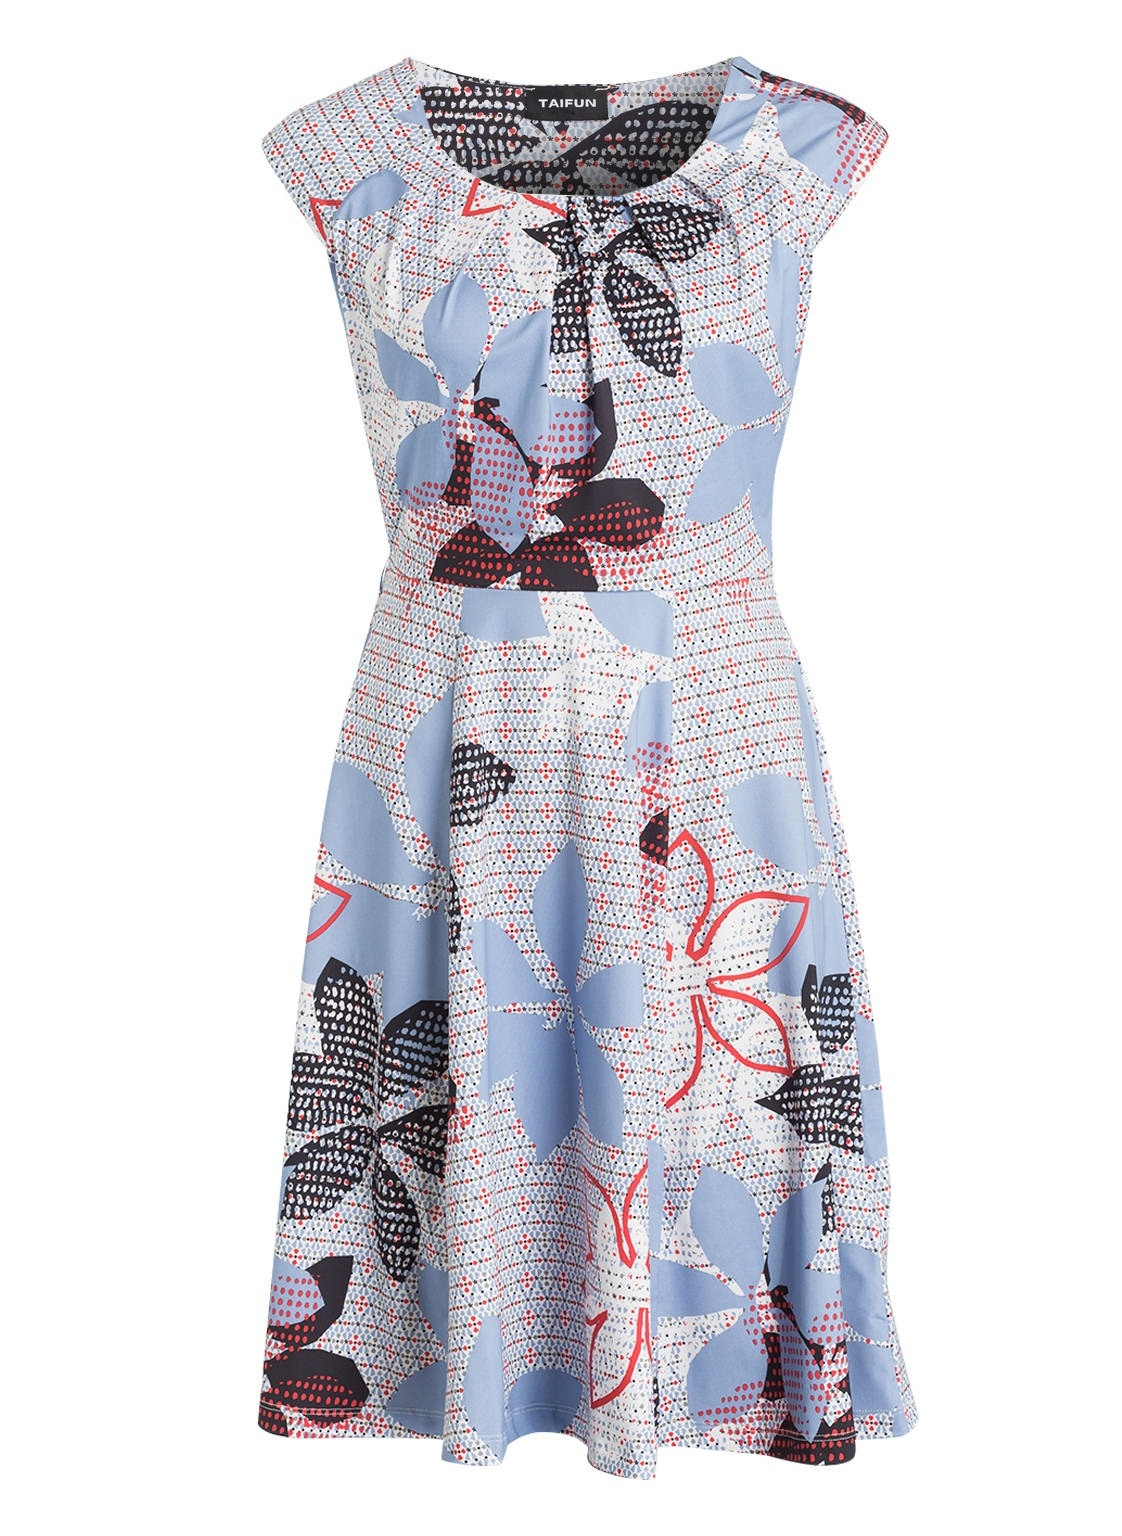 20 Einfach Damen Kleid Blau ÄrmelDesigner Perfekt Damen Kleid Blau Ärmel